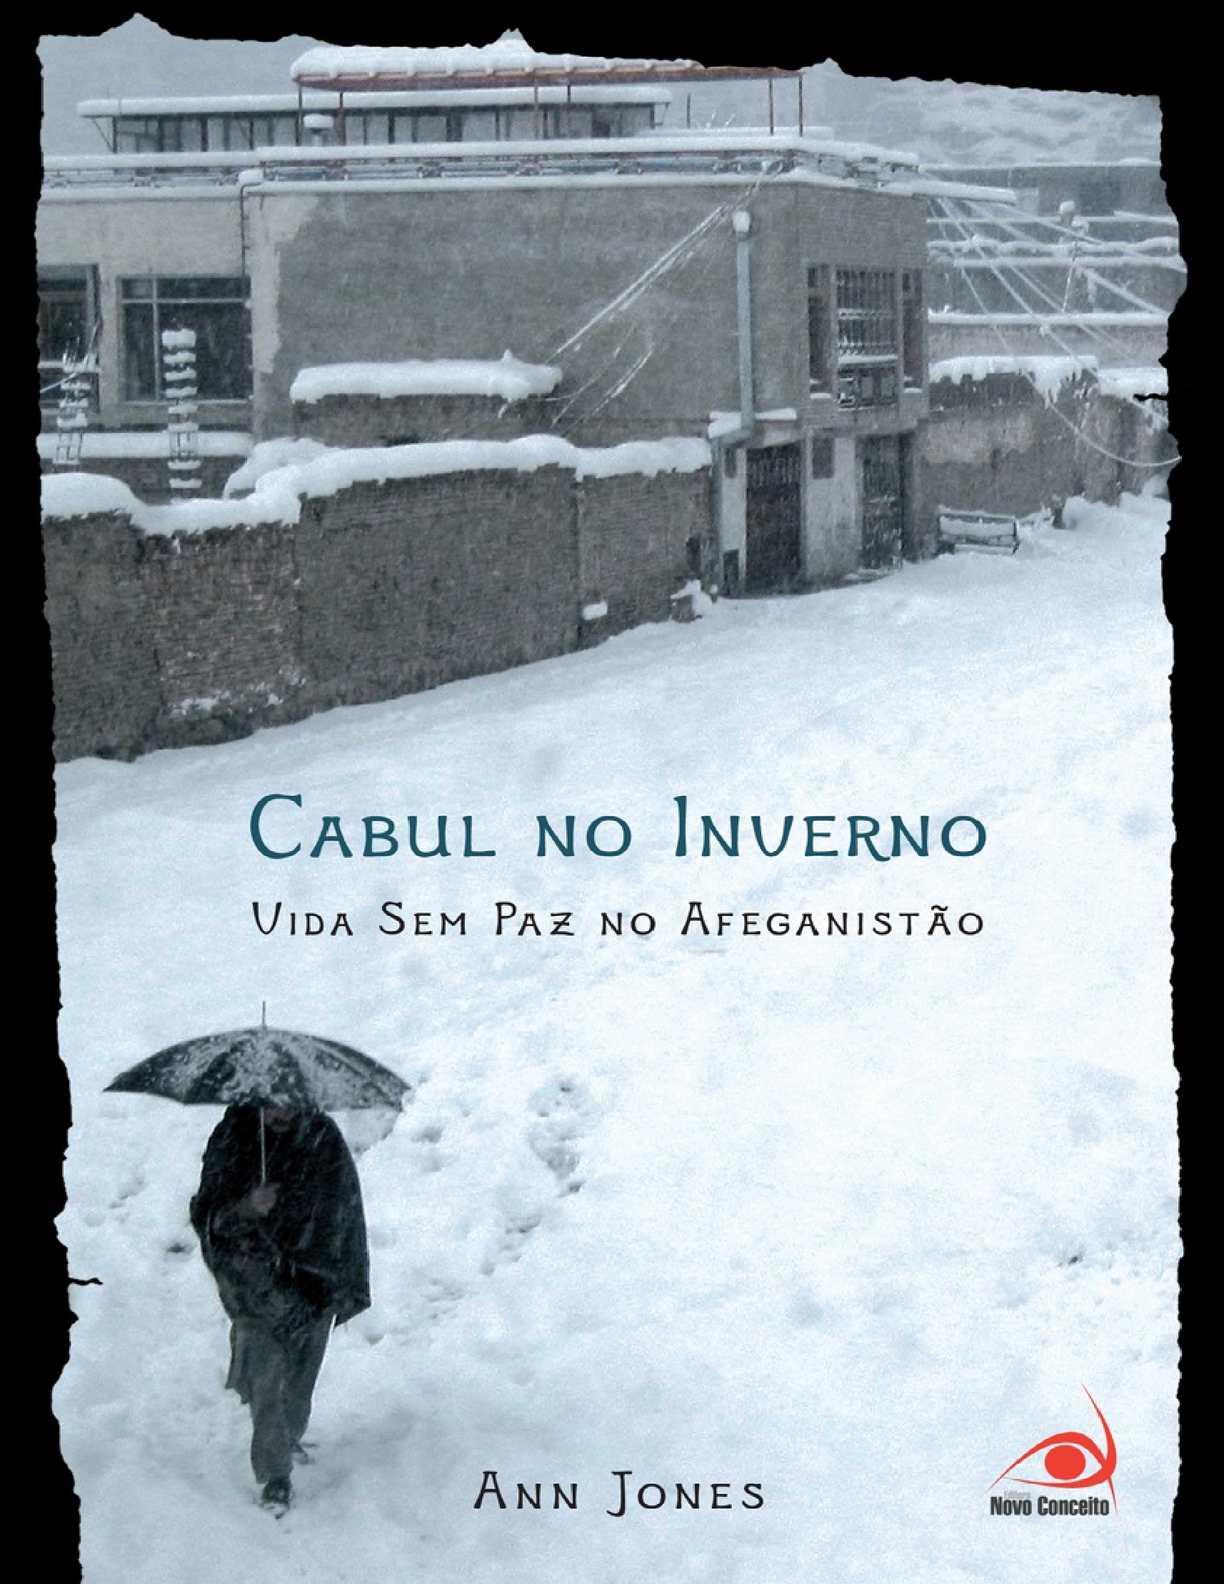 Ann Jones Cabul No Inverno